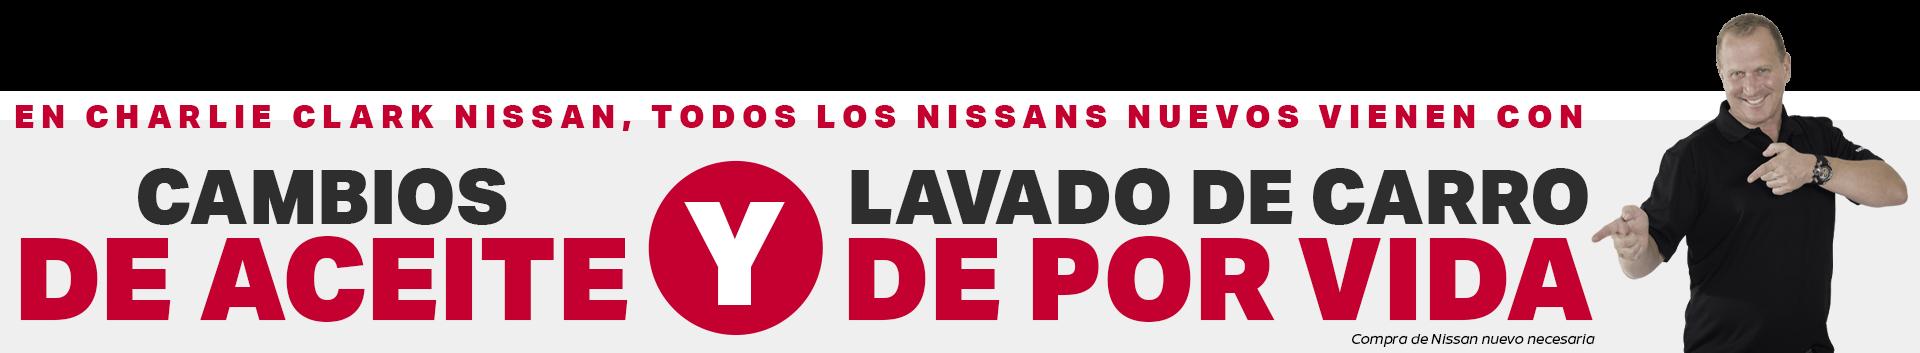 En Charlie Clark Nissan, Todos Los Nissans Nuevos Vienen Con Cambios De Aceite y Lavado de carro de por vida